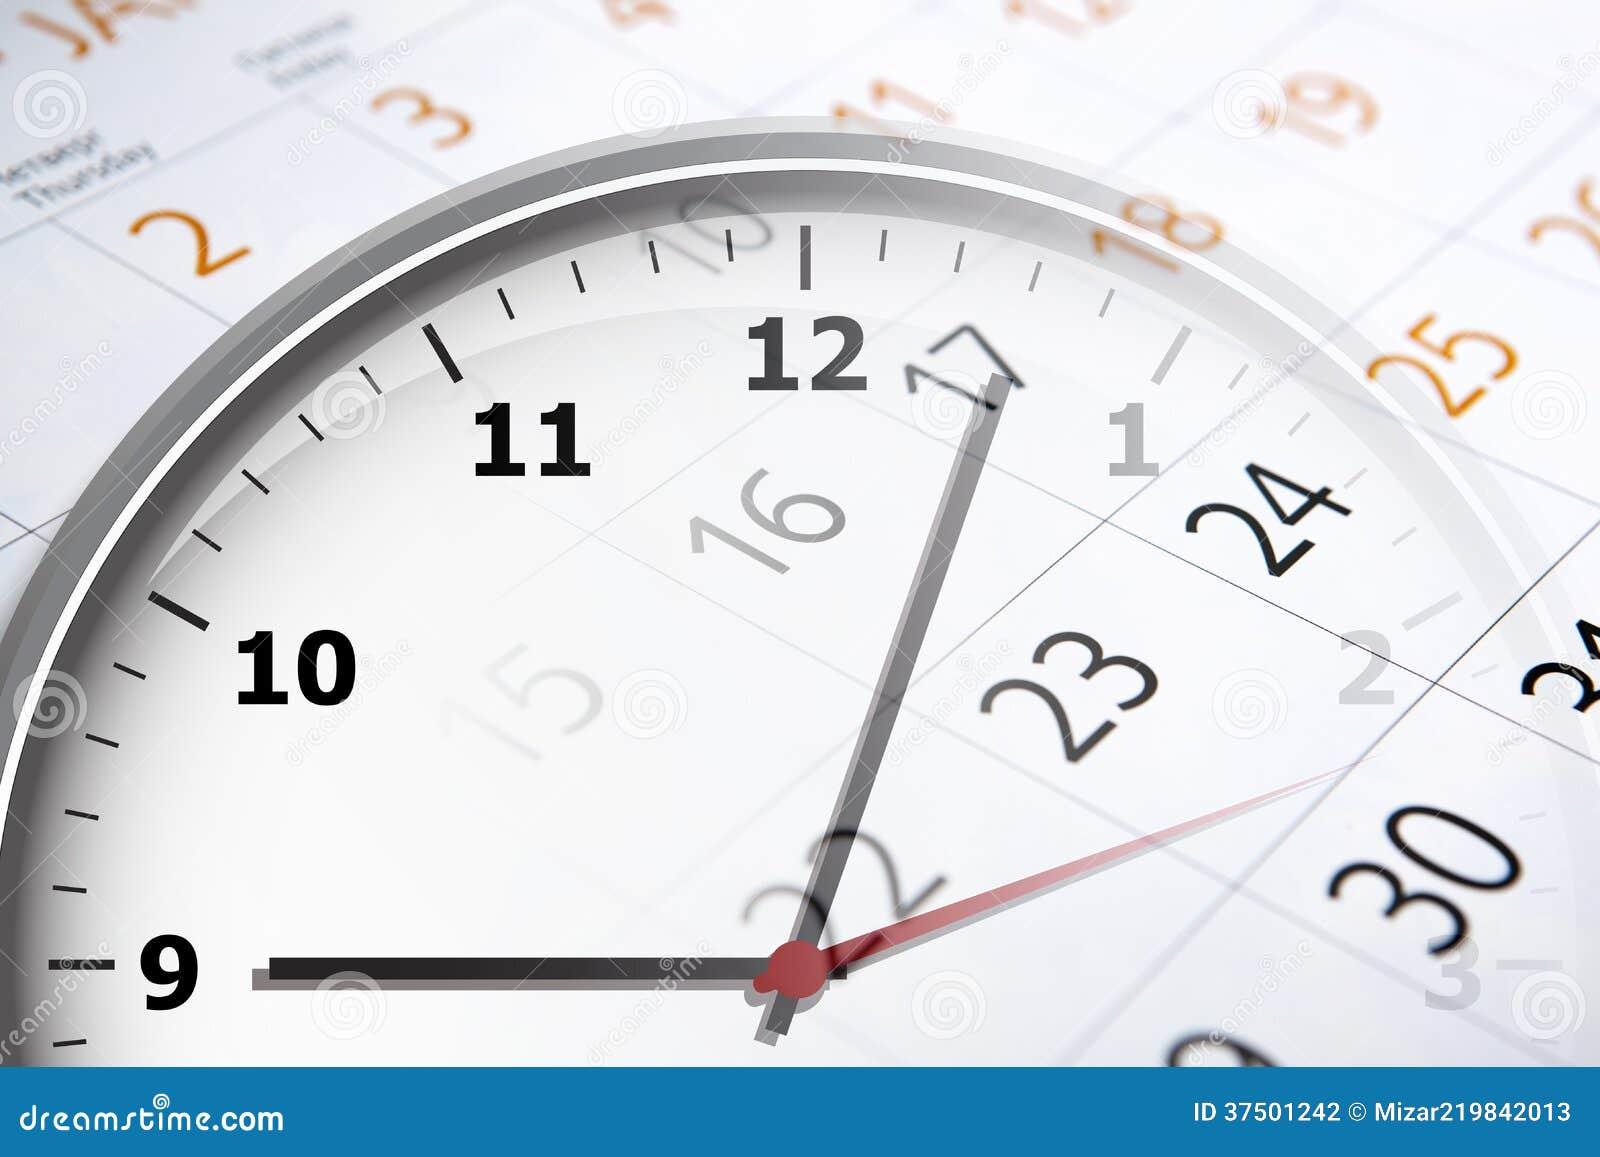 Calendario Con Numero Giorni.Strato Di Un Calendario Con Il Numero Dei Giorni E Dell